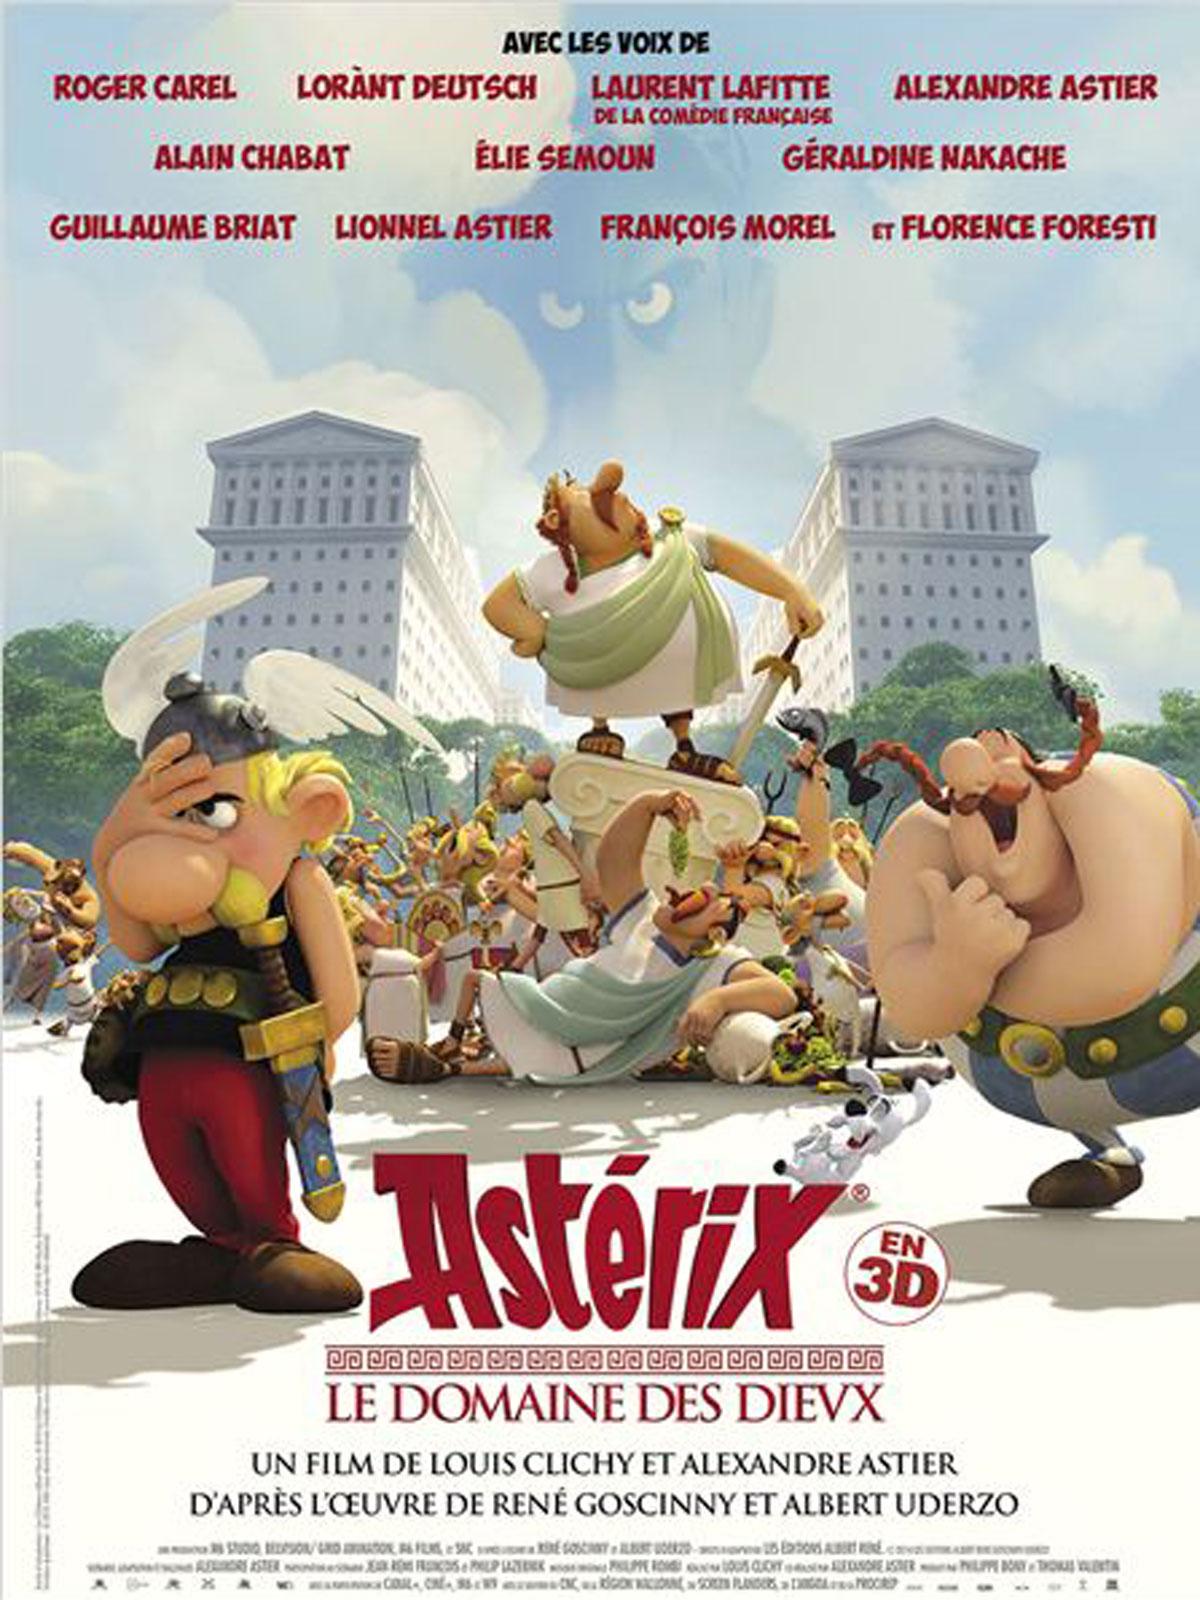 Astérix - Le Domaine des Dieux streaming